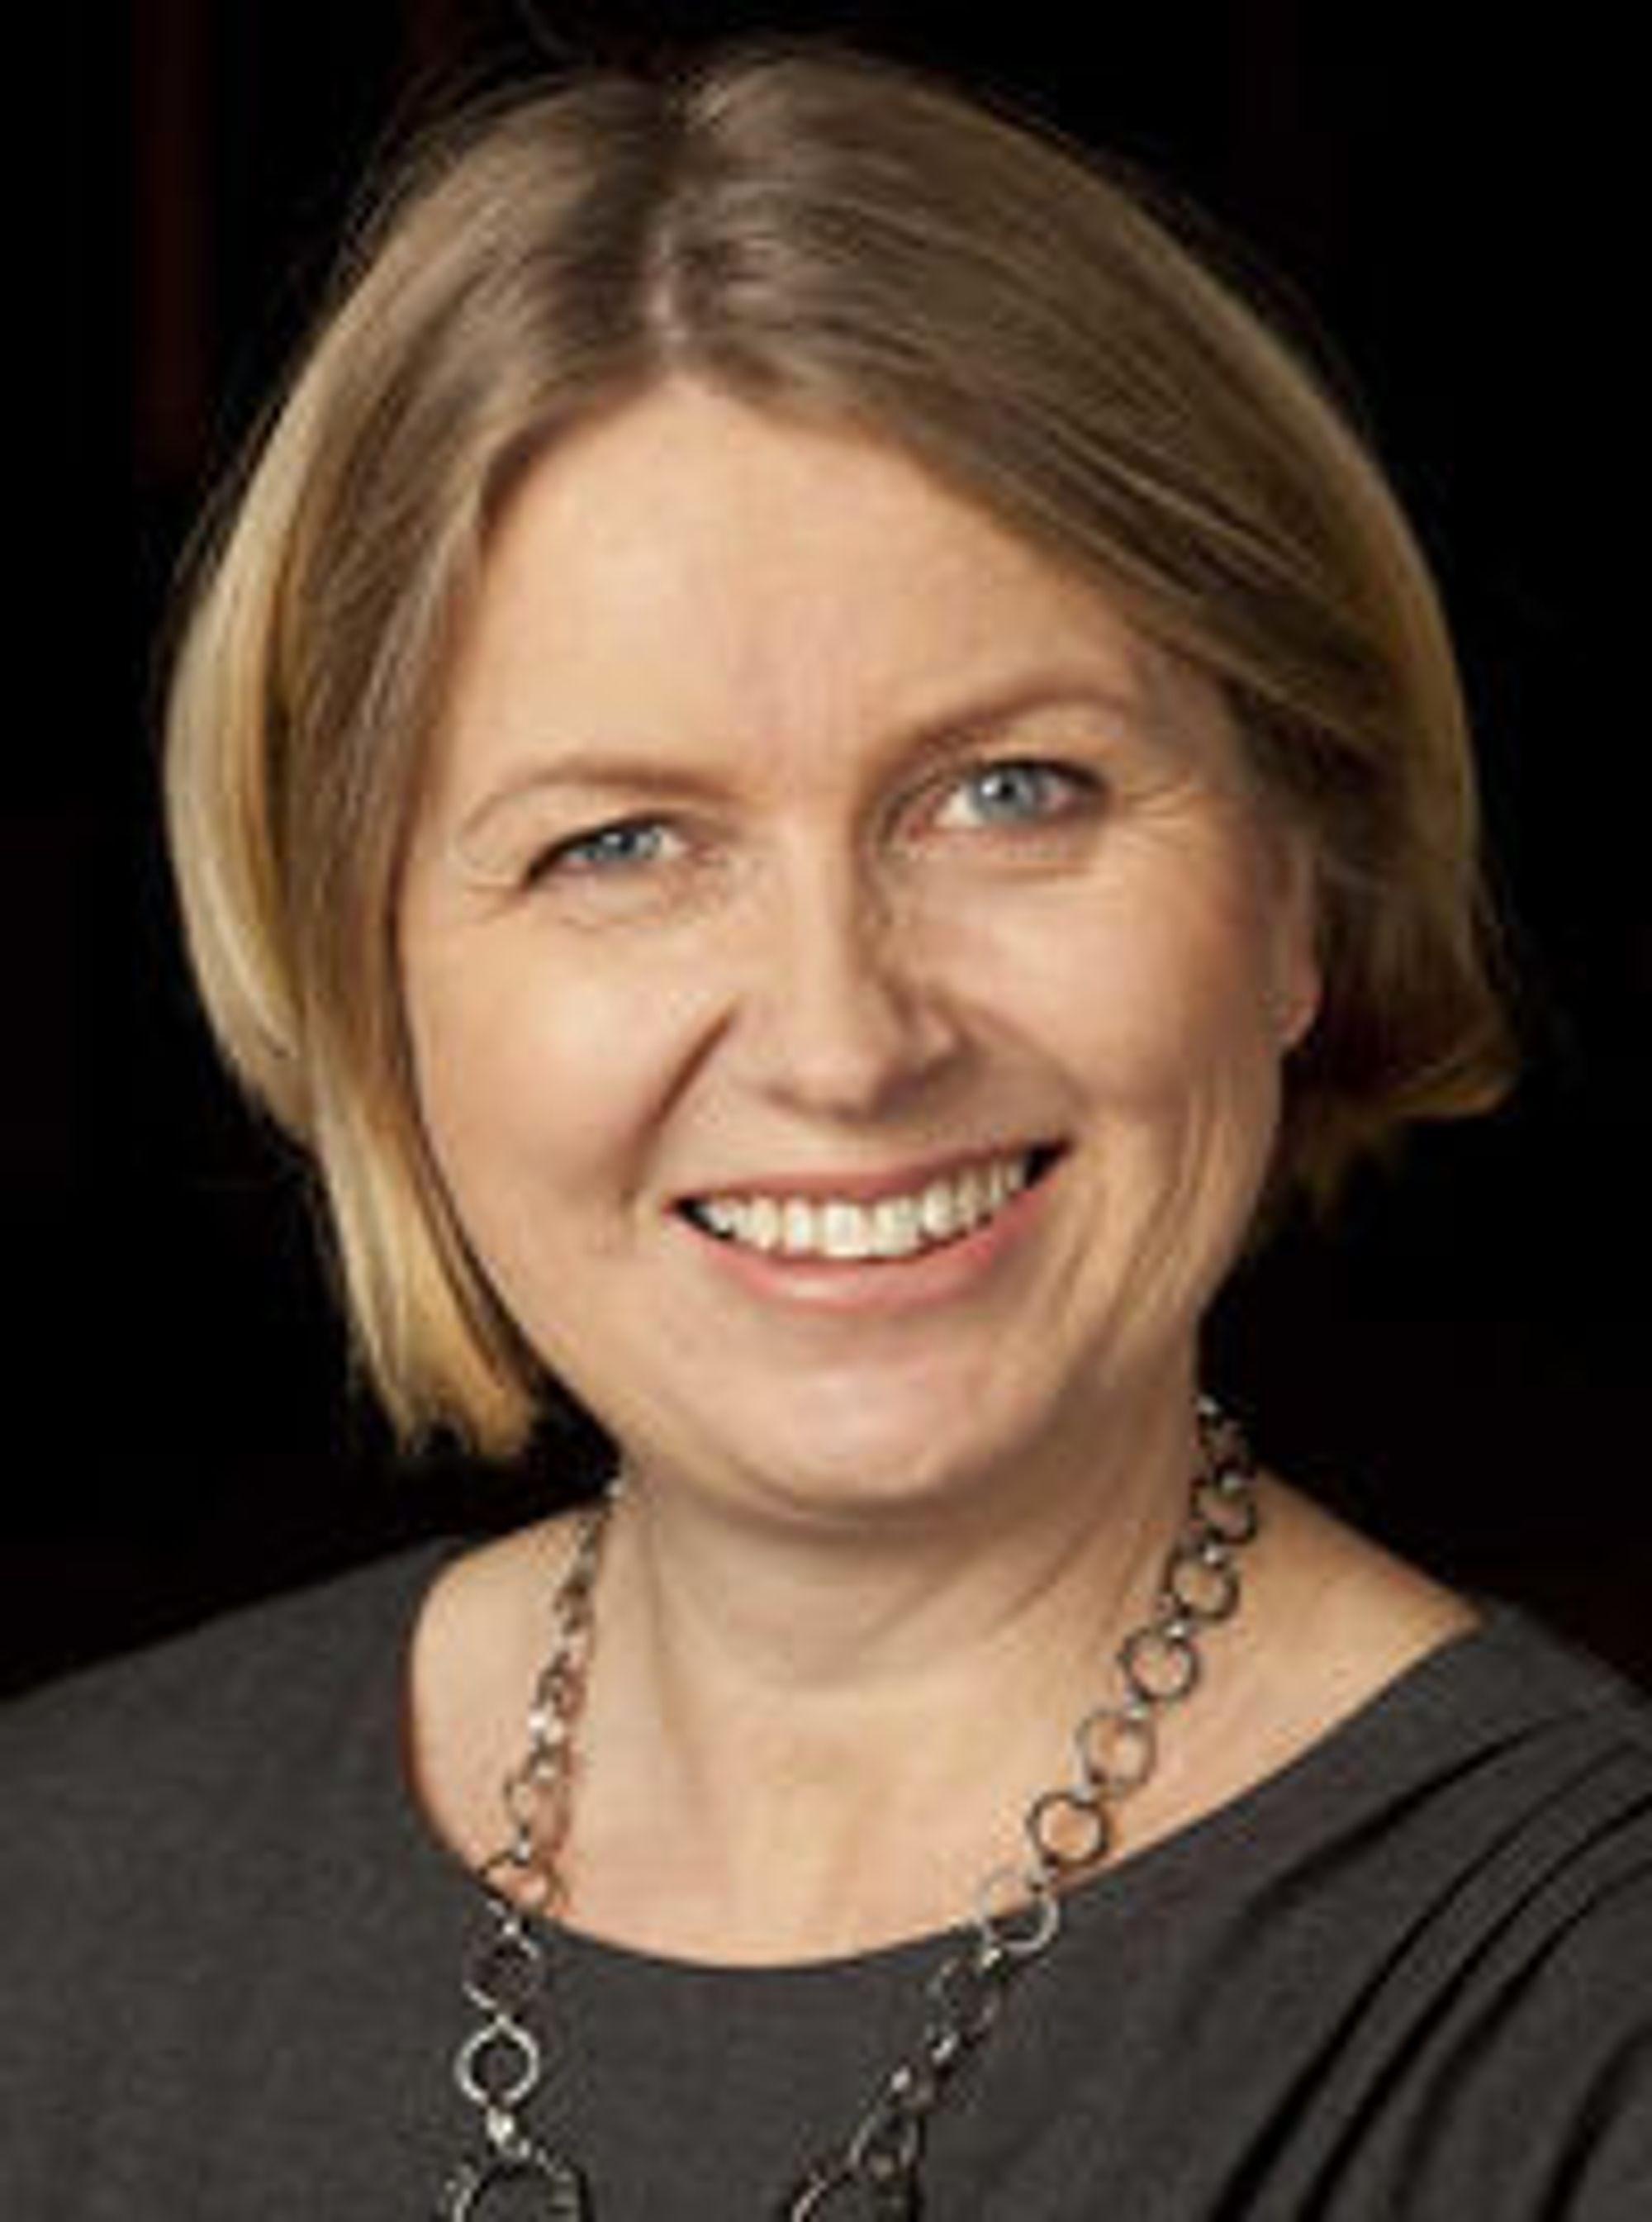 VELDIG POSITIV: Finansbyråd Kristin Vinje (H) ønsker seg et samarbeid med staten om utvikling av nye digitale tjenester.